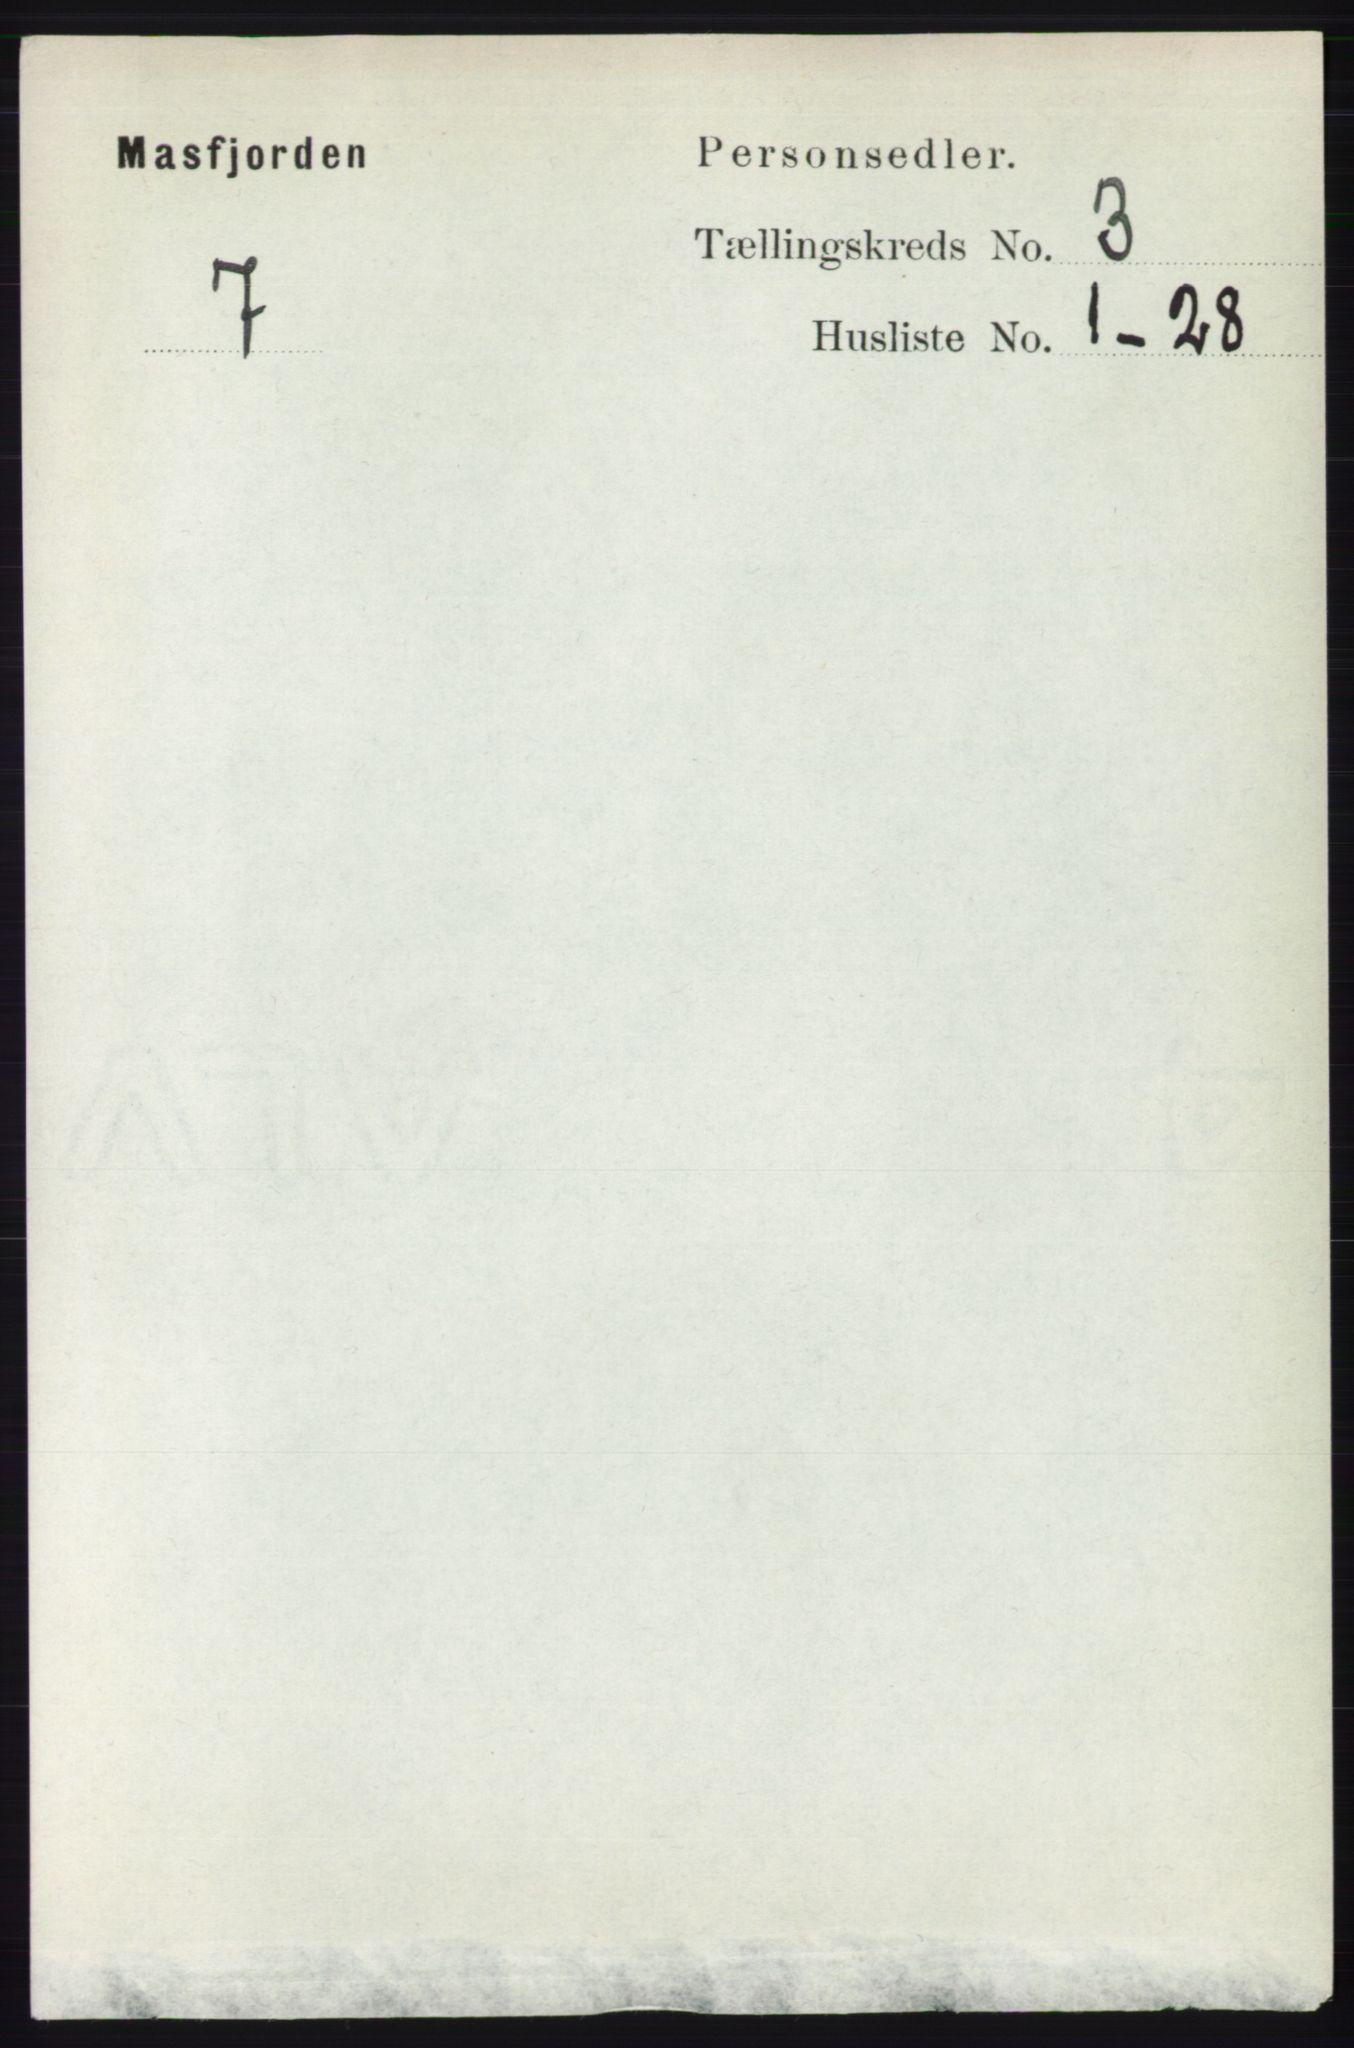 RA, Folketelling 1891 for 1266 Masfjorden herred, 1891, s. 524